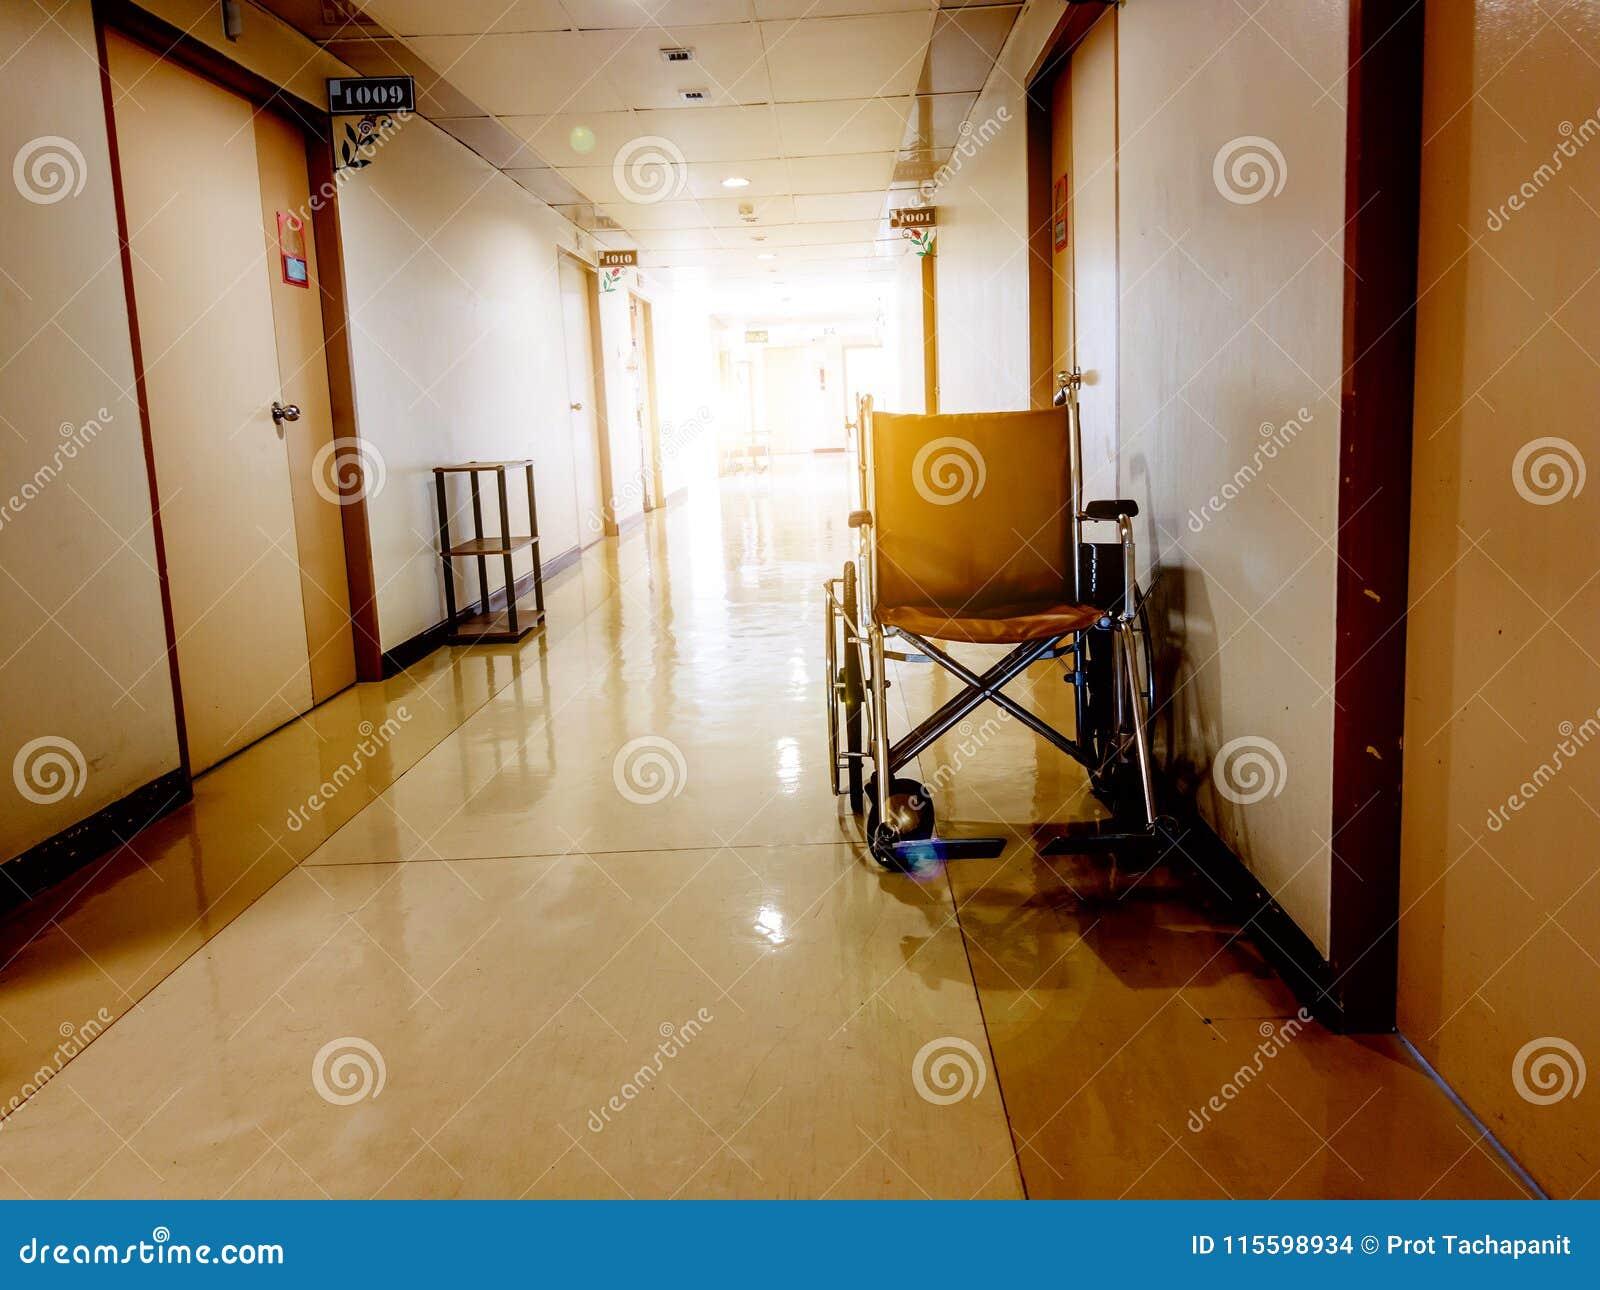 Wózka inwalidzkiego parking w przodzie pokój w szpitalu Wózek inwalidzki dostępny dla starszych osob lub chorych ludzi